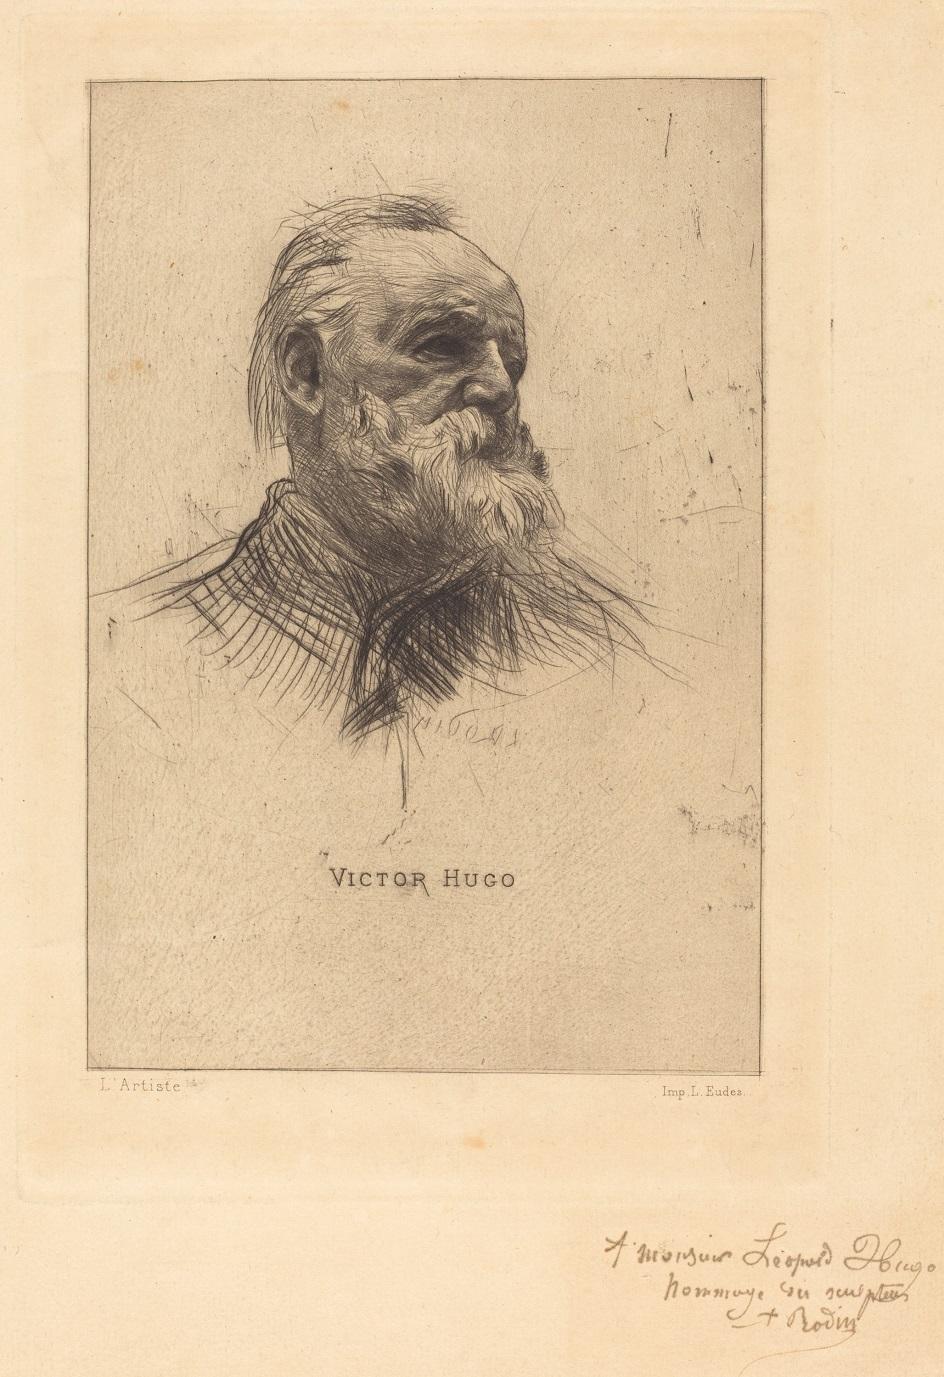 Гравюра. Сухая игла. Огюст Роден. «Портрет писателя Виктора Гюго»